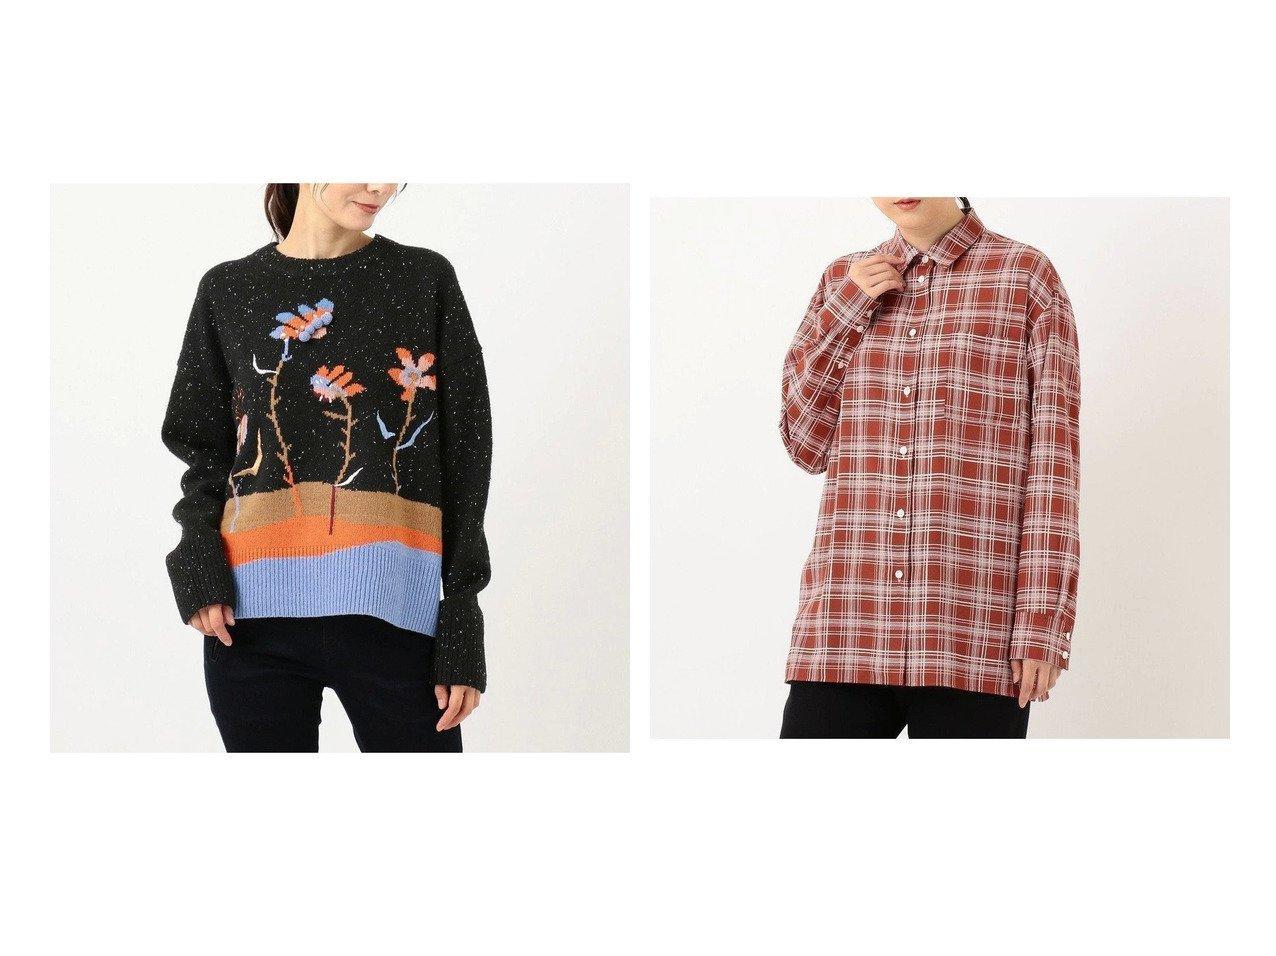 【Paul Smith/ポール スミス】のウッドブロックフローラル プルオーバーニット&【洗える】アーカイブフローラル&ドローンチェックプリント シャツ 【トップス・カットソー】おすすめ!人気、トレンド・レディースファッションの通販 おすすめで人気の流行・トレンド、ファッションの通販商品 インテリア・家具・メンズファッション・キッズファッション・レディースファッション・服の通販 founy(ファニー) https://founy.com/ ファッション Fashion レディースファッション WOMEN トップス・カットソー Tops/Tshirt ニット Knit Tops プルオーバー Pullover シャツ/ブラウス Shirts/Blouses イタリア カラフル セーター ツイード ネップ ボトム モチーフ 送料無料 Free Shipping エレガント カフス シンプル ストレッチ チェック プリント 洗える  ID:crp329100000058376